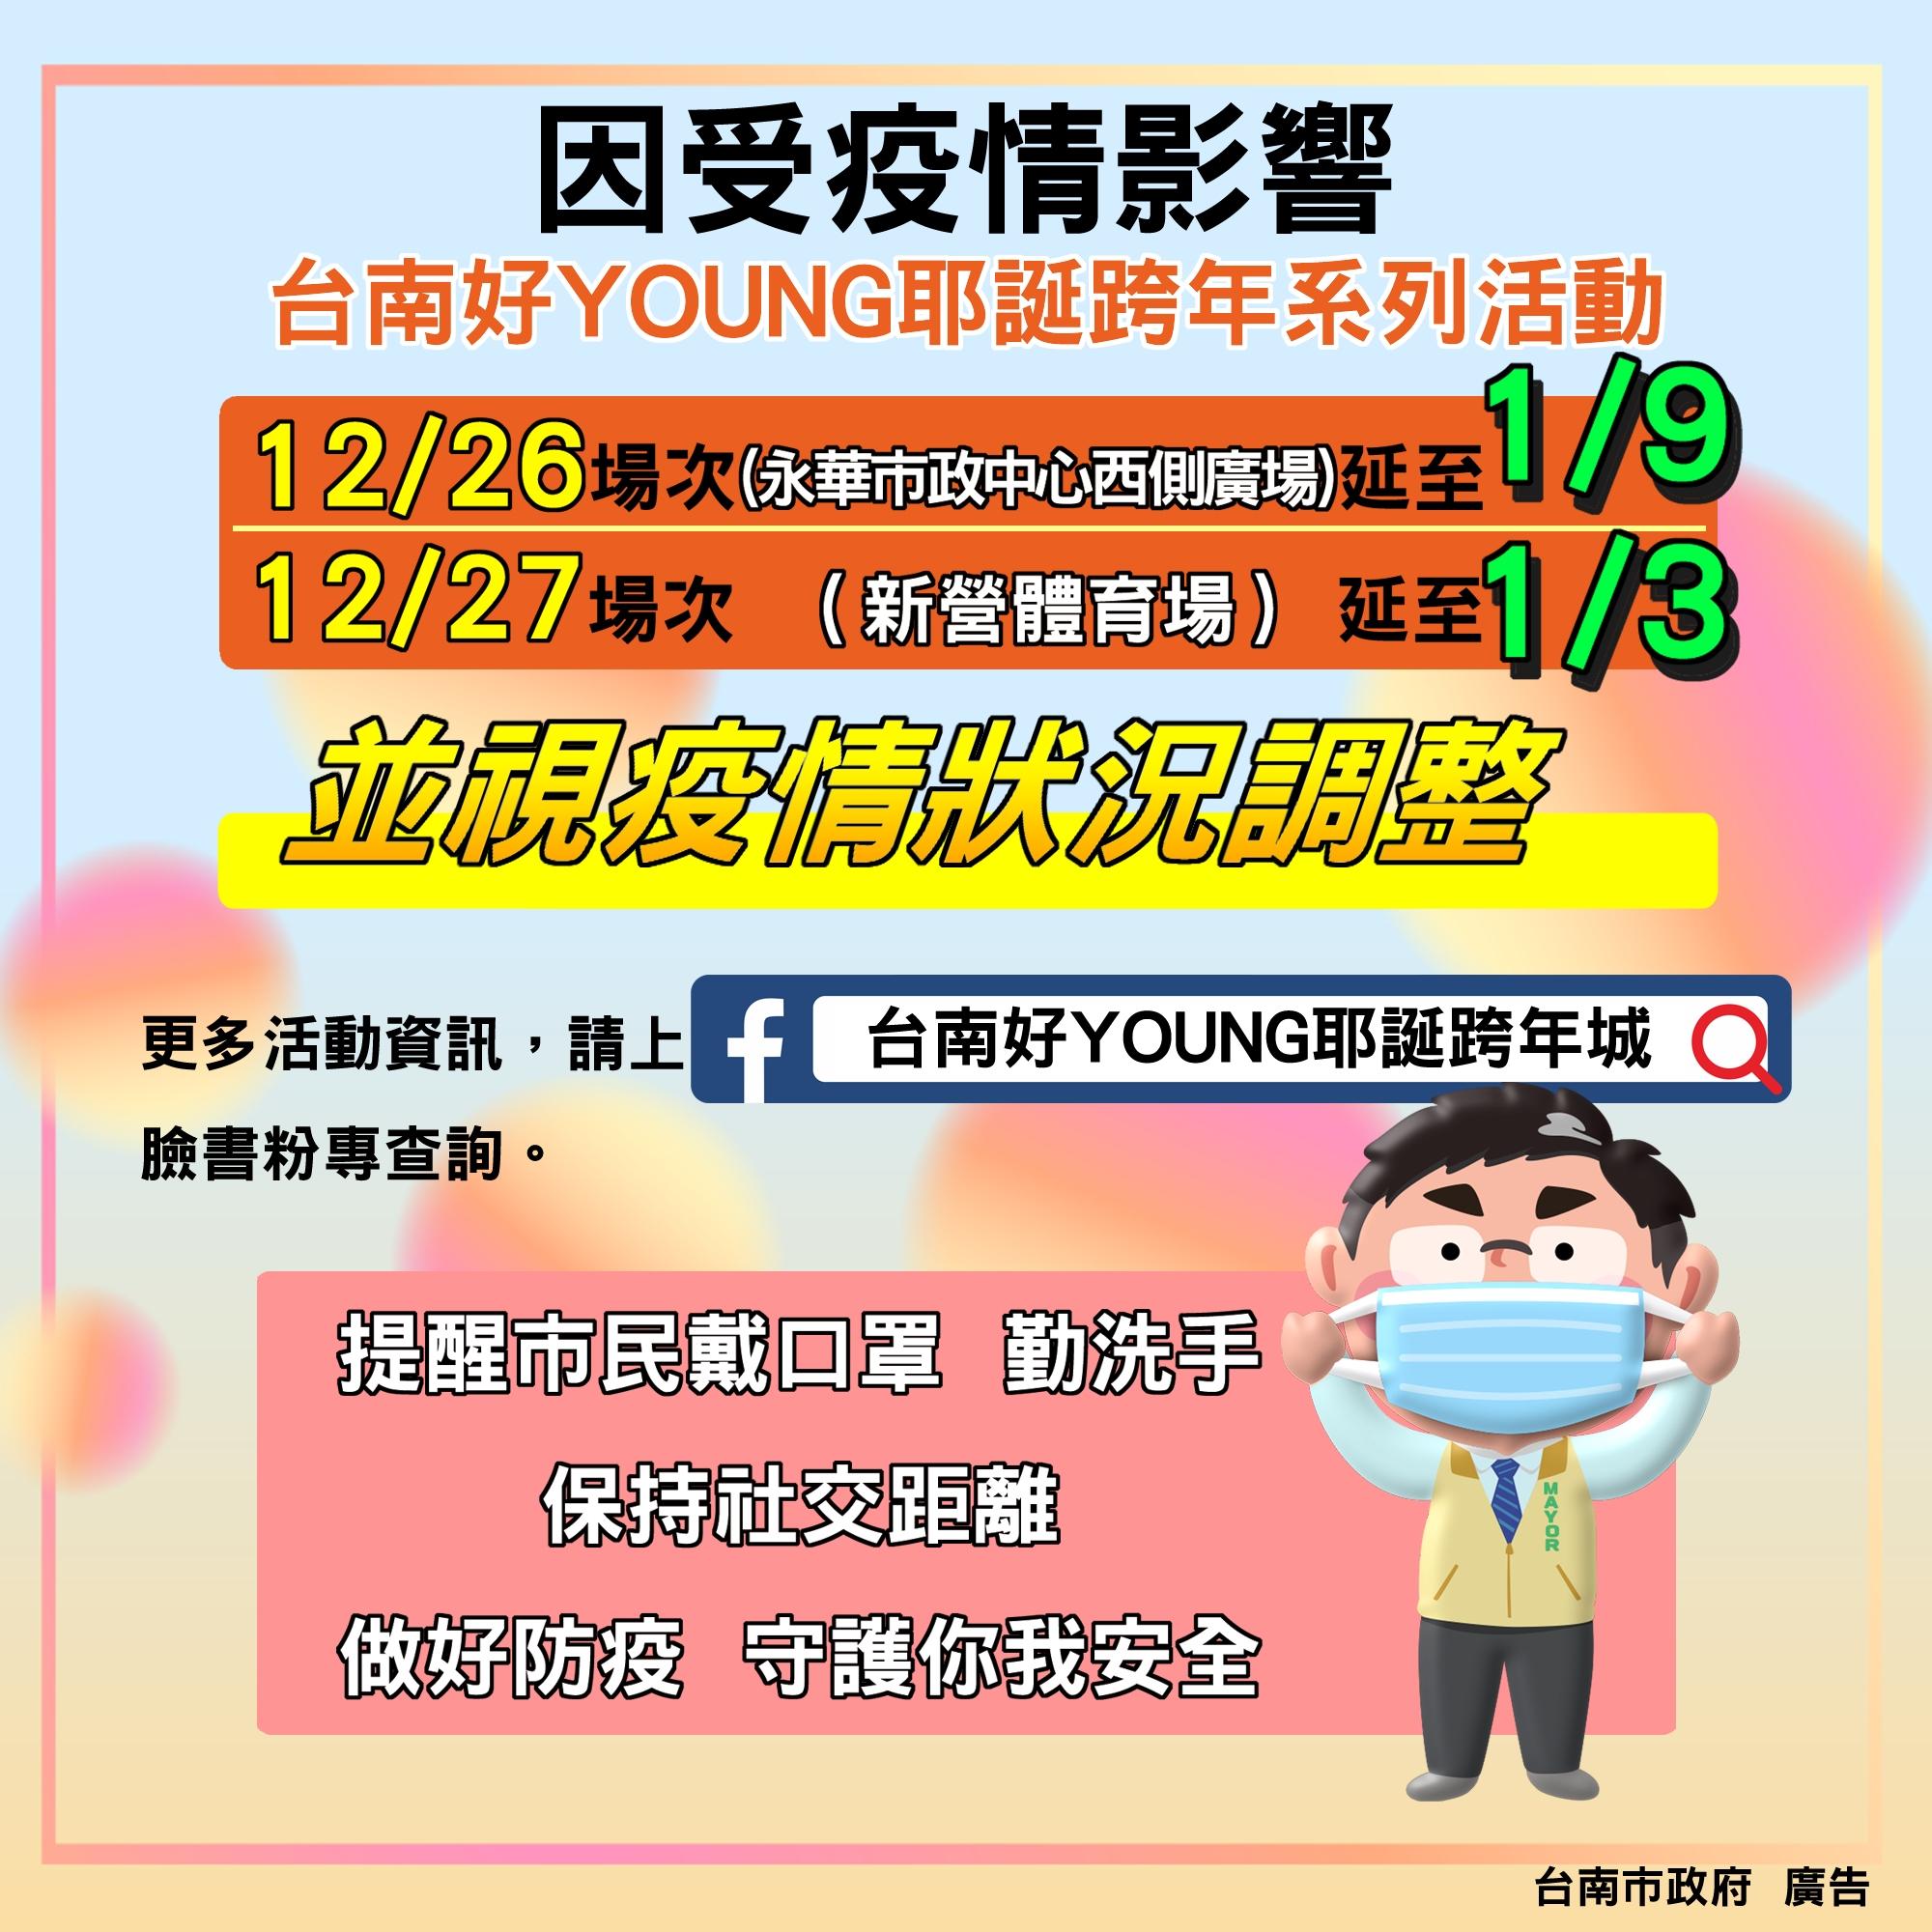 台南好YOUNG耶誕跨年活動延期公告